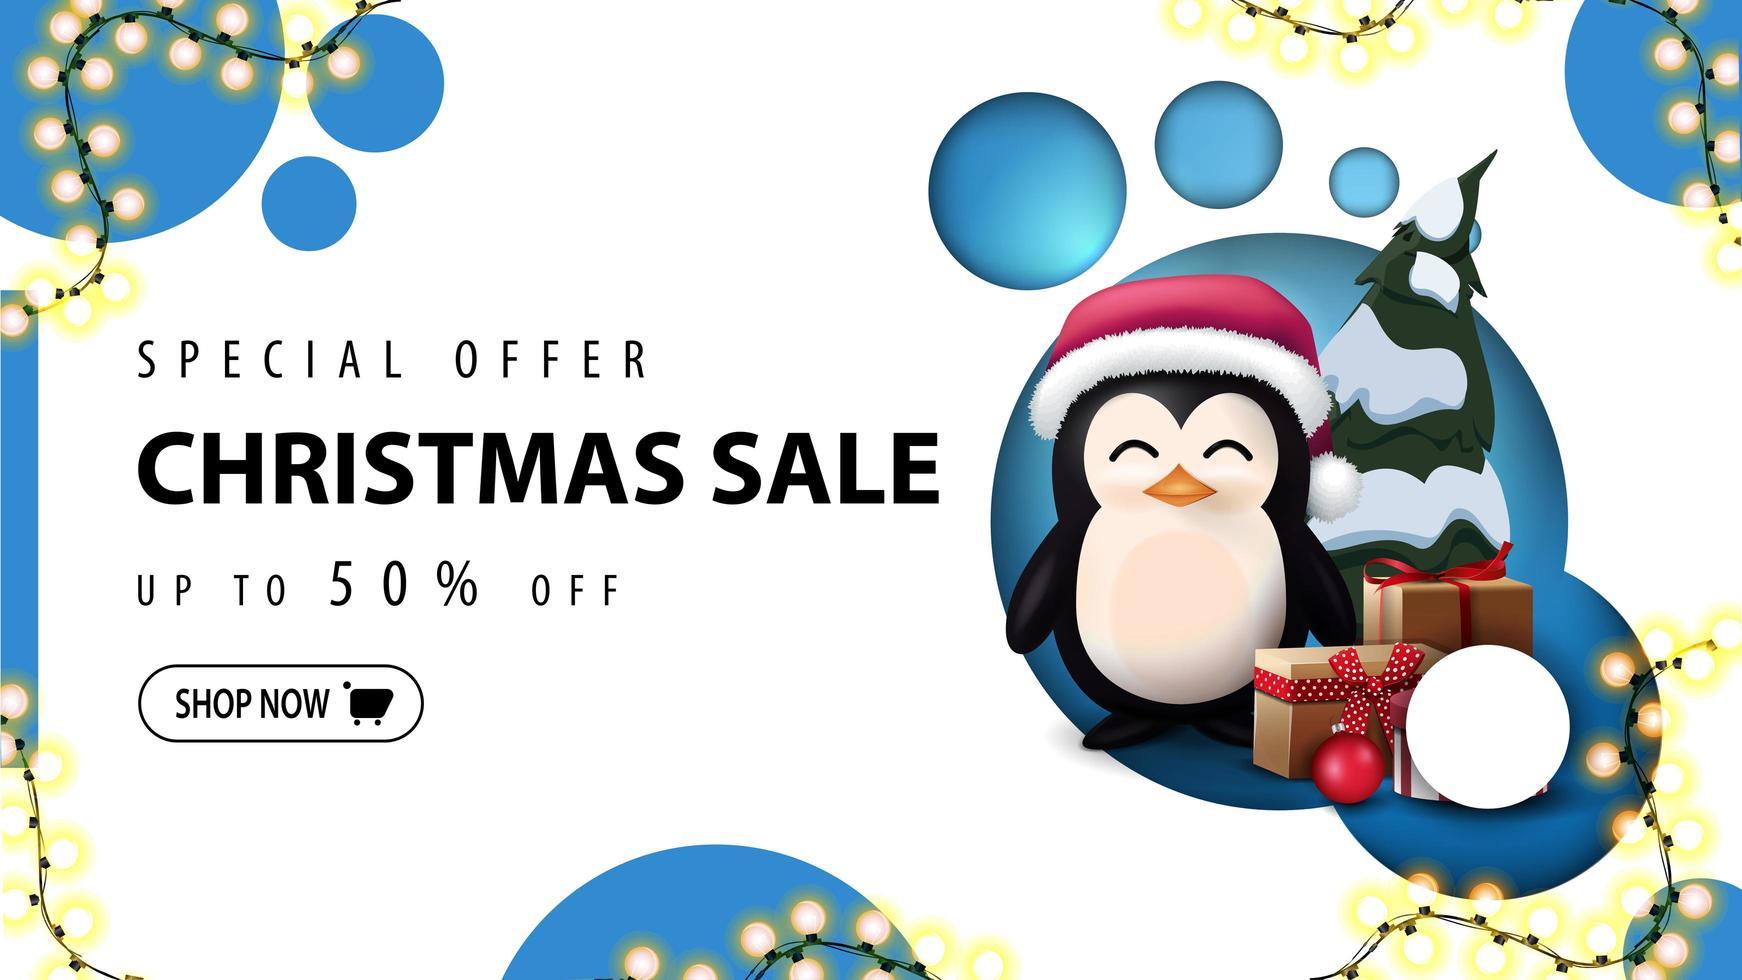 moderne kortingsbanner, speciale aanbieding, kerstuitverkoop, tot 50 korting. kortingsbanner met modern ontwerp met blauwe cirkels en pinguïn in kerstmanhoed met cadeautjes vector